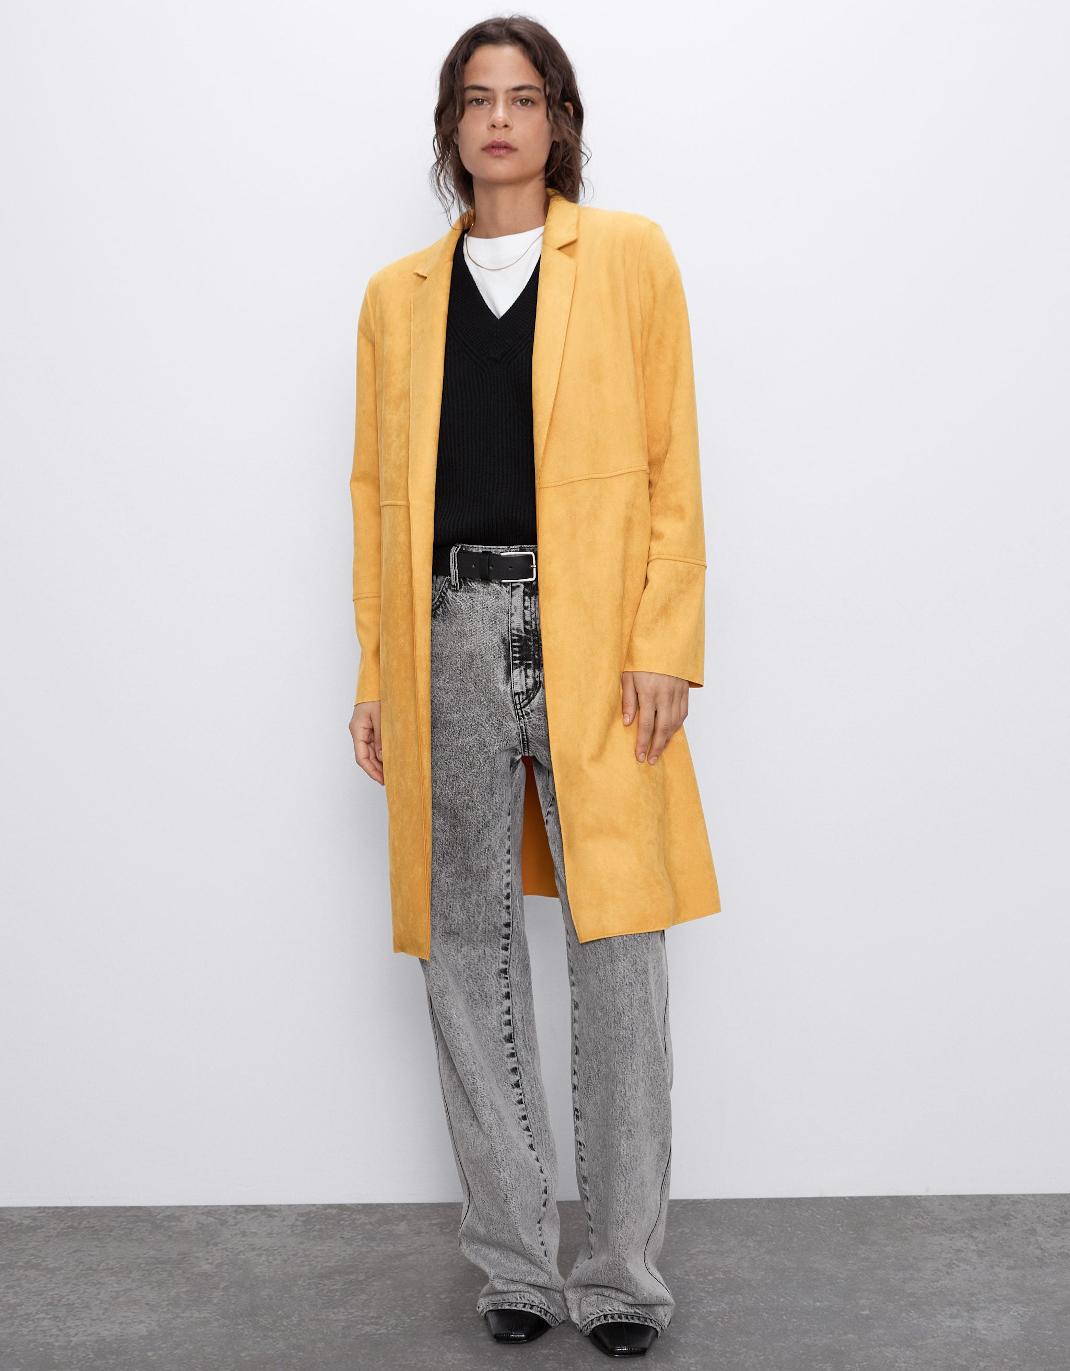 γυναίκα με κίτρινο παλτό Ζara